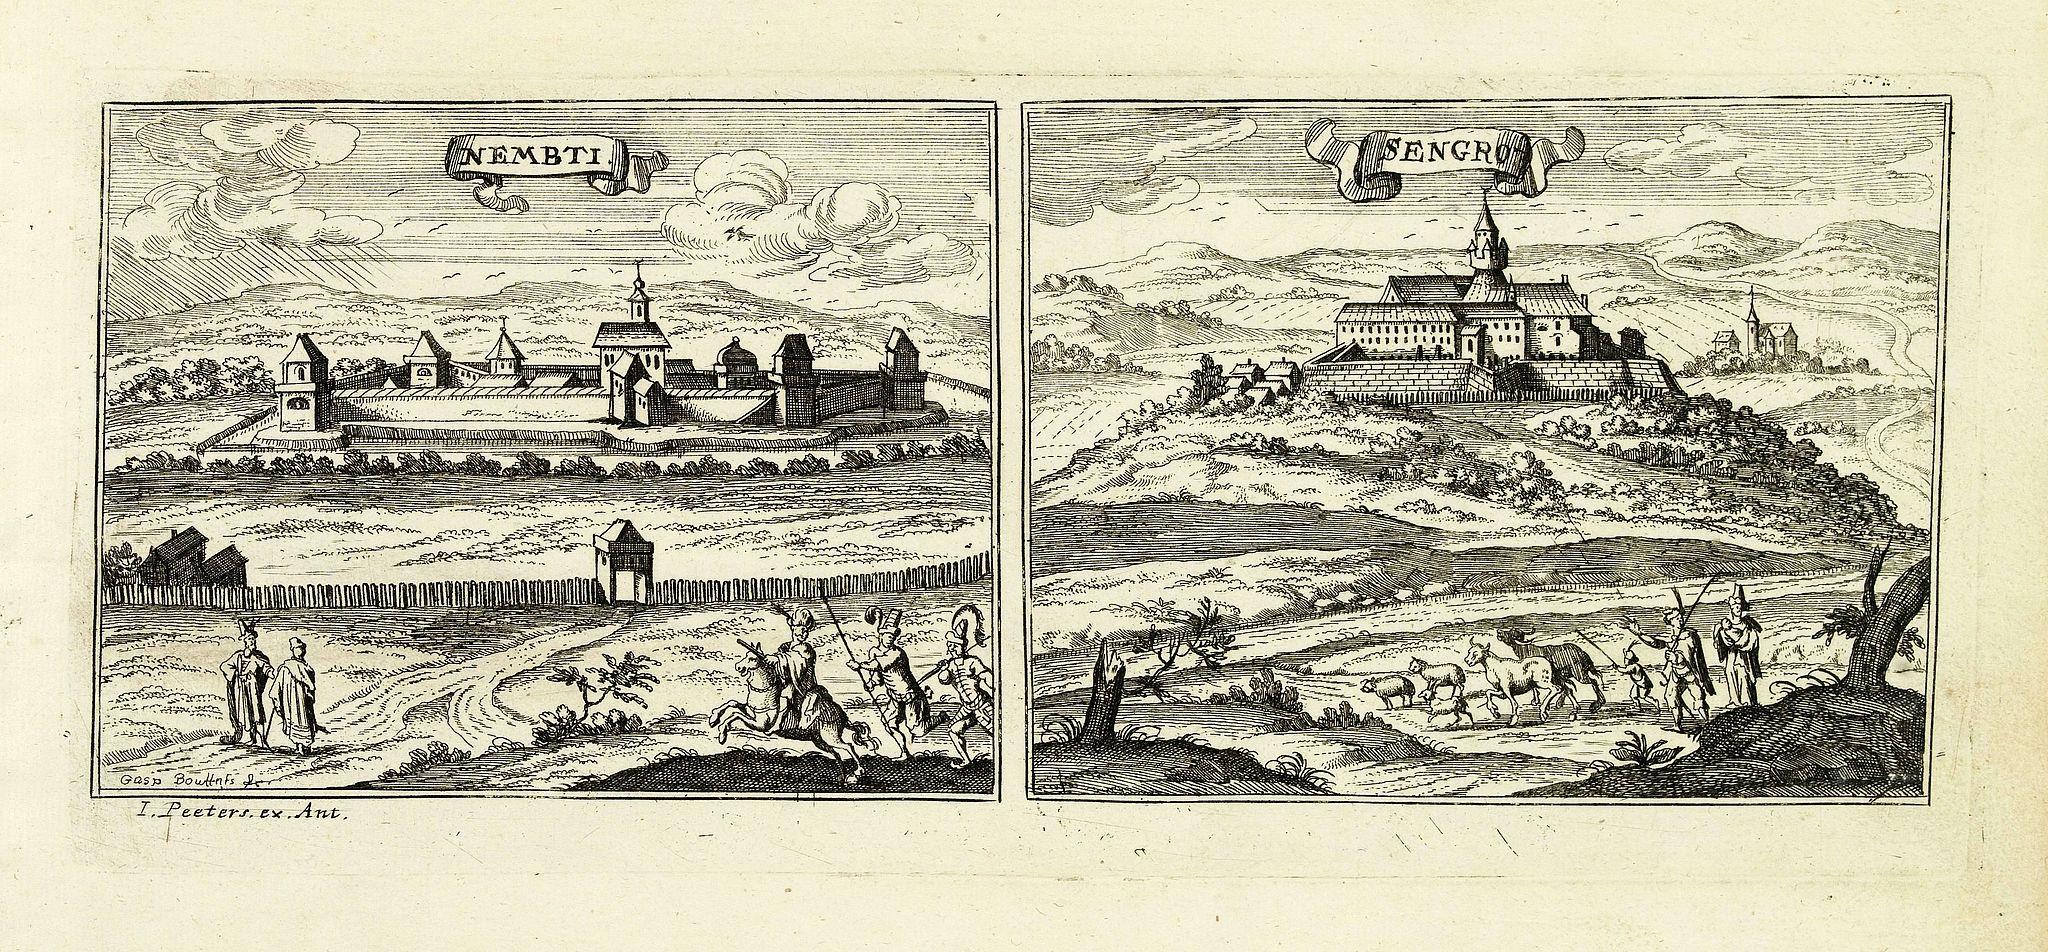 PEETERS, J. / BOUTTATS, G. -  Nembti / Sengrot.